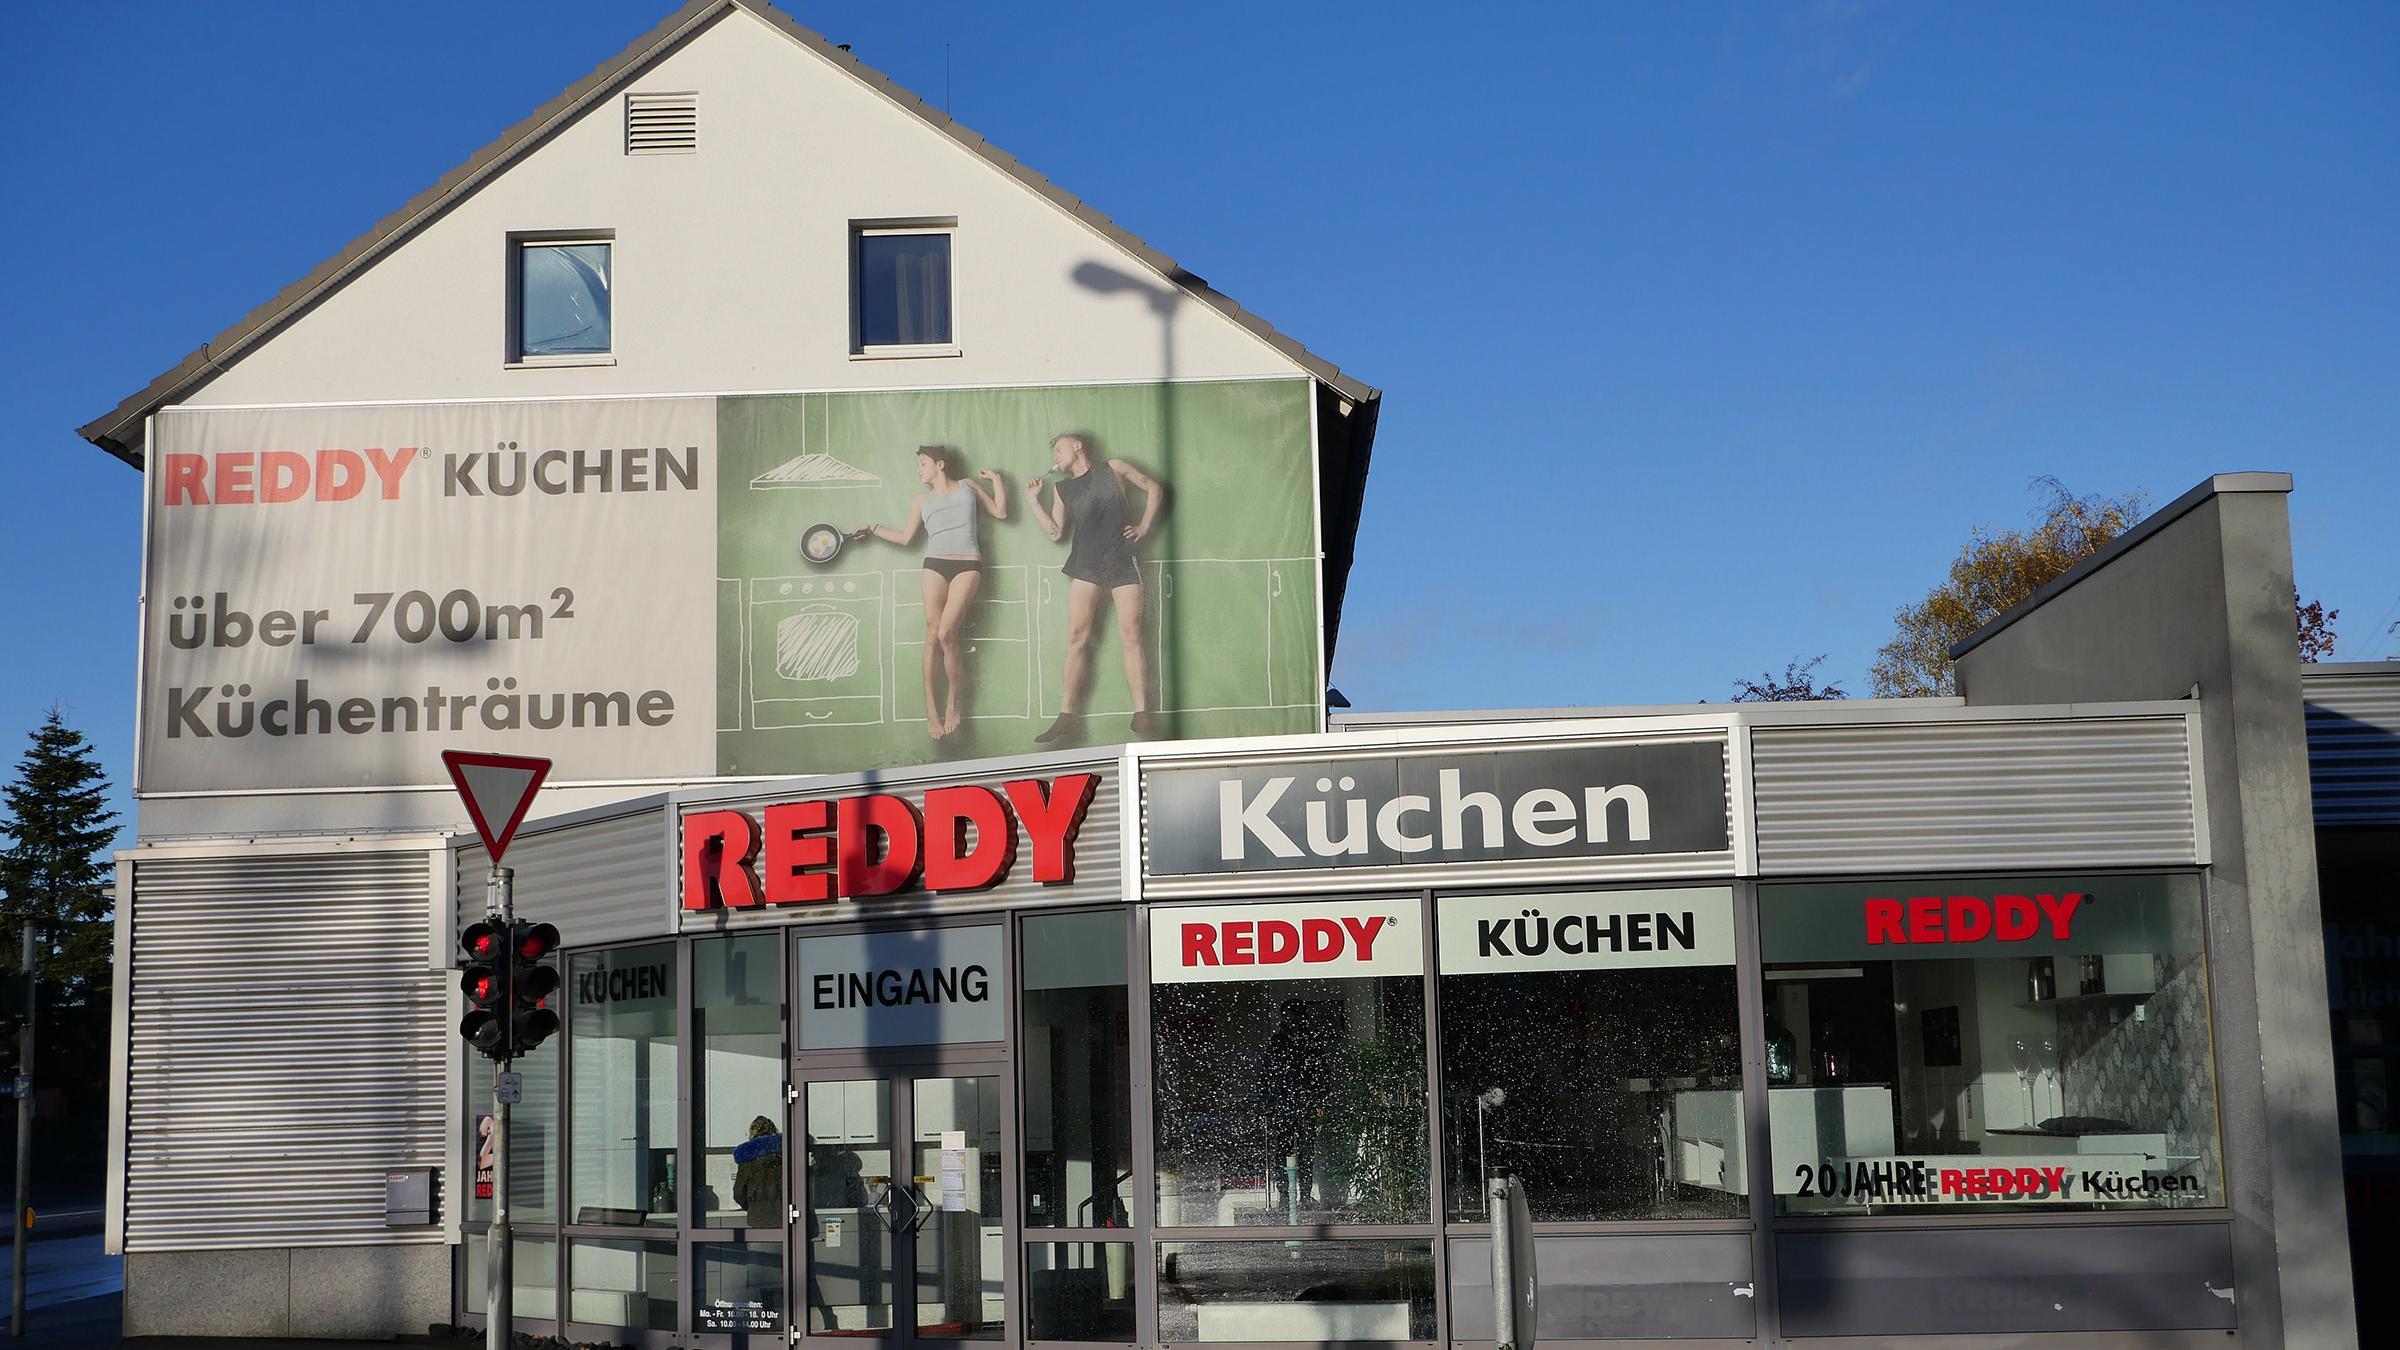 REDDY Küchen Siegen • Siegen, Geisweider Straße 2 - Öffnungszeiten ...